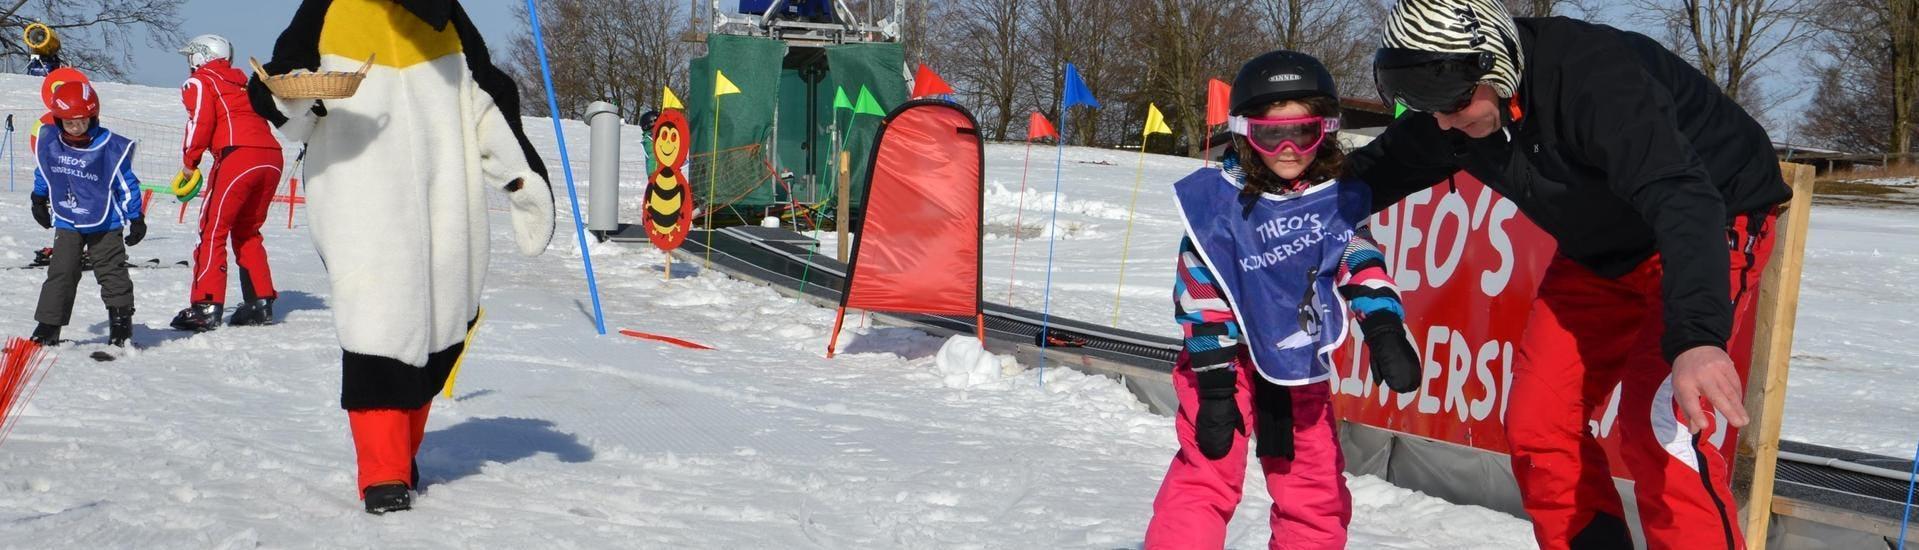 Een kind leert skiën tijdens een privéles voor kinderen (vanaf 5 jaar) met een van de skileraren van DSV Skischule Züschen in het skigebied van Winterberg.